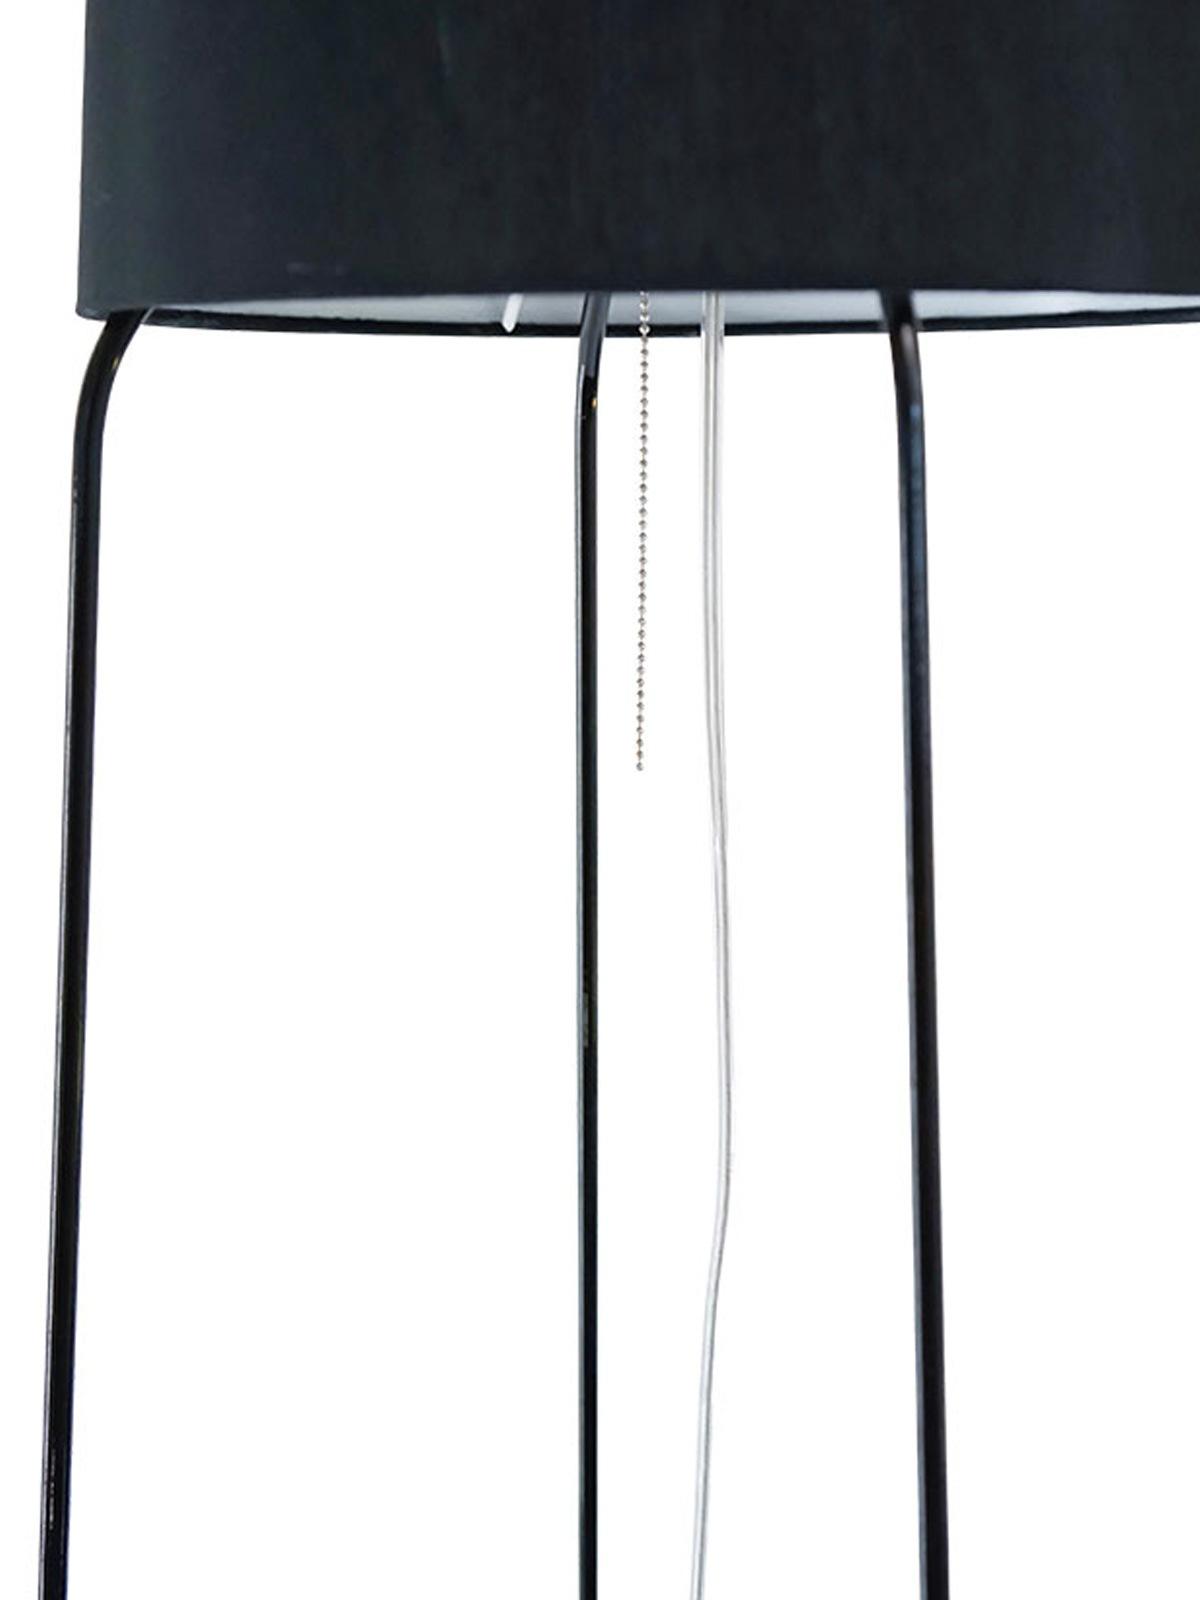 frauMaier SlimSophie Stehleuchte DesignOrt Onlineshop Lampen Berlin Zugschalter